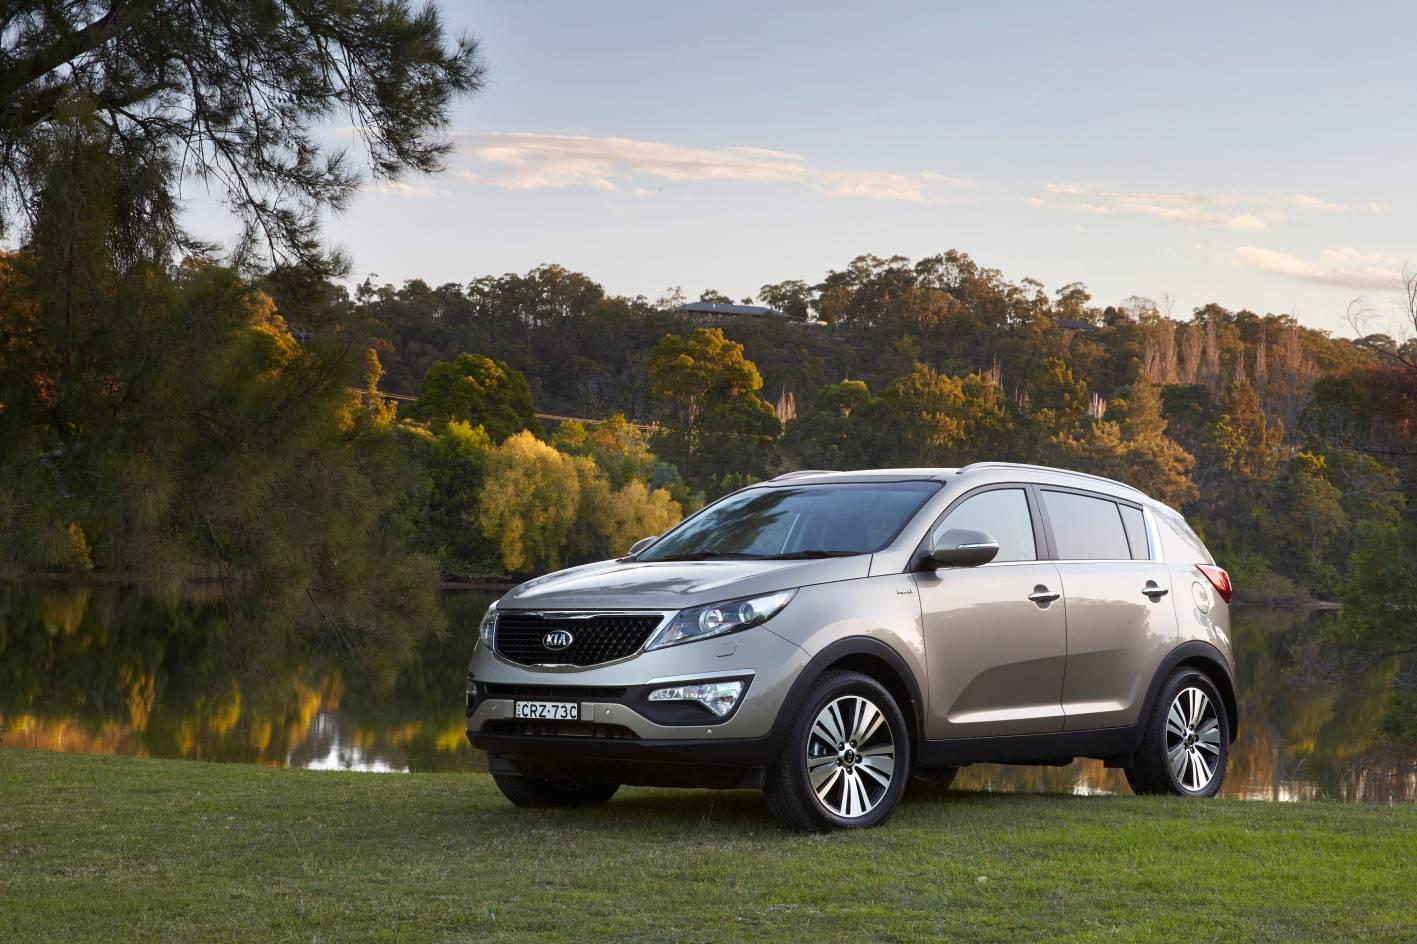 express review sportage auto kia pictures